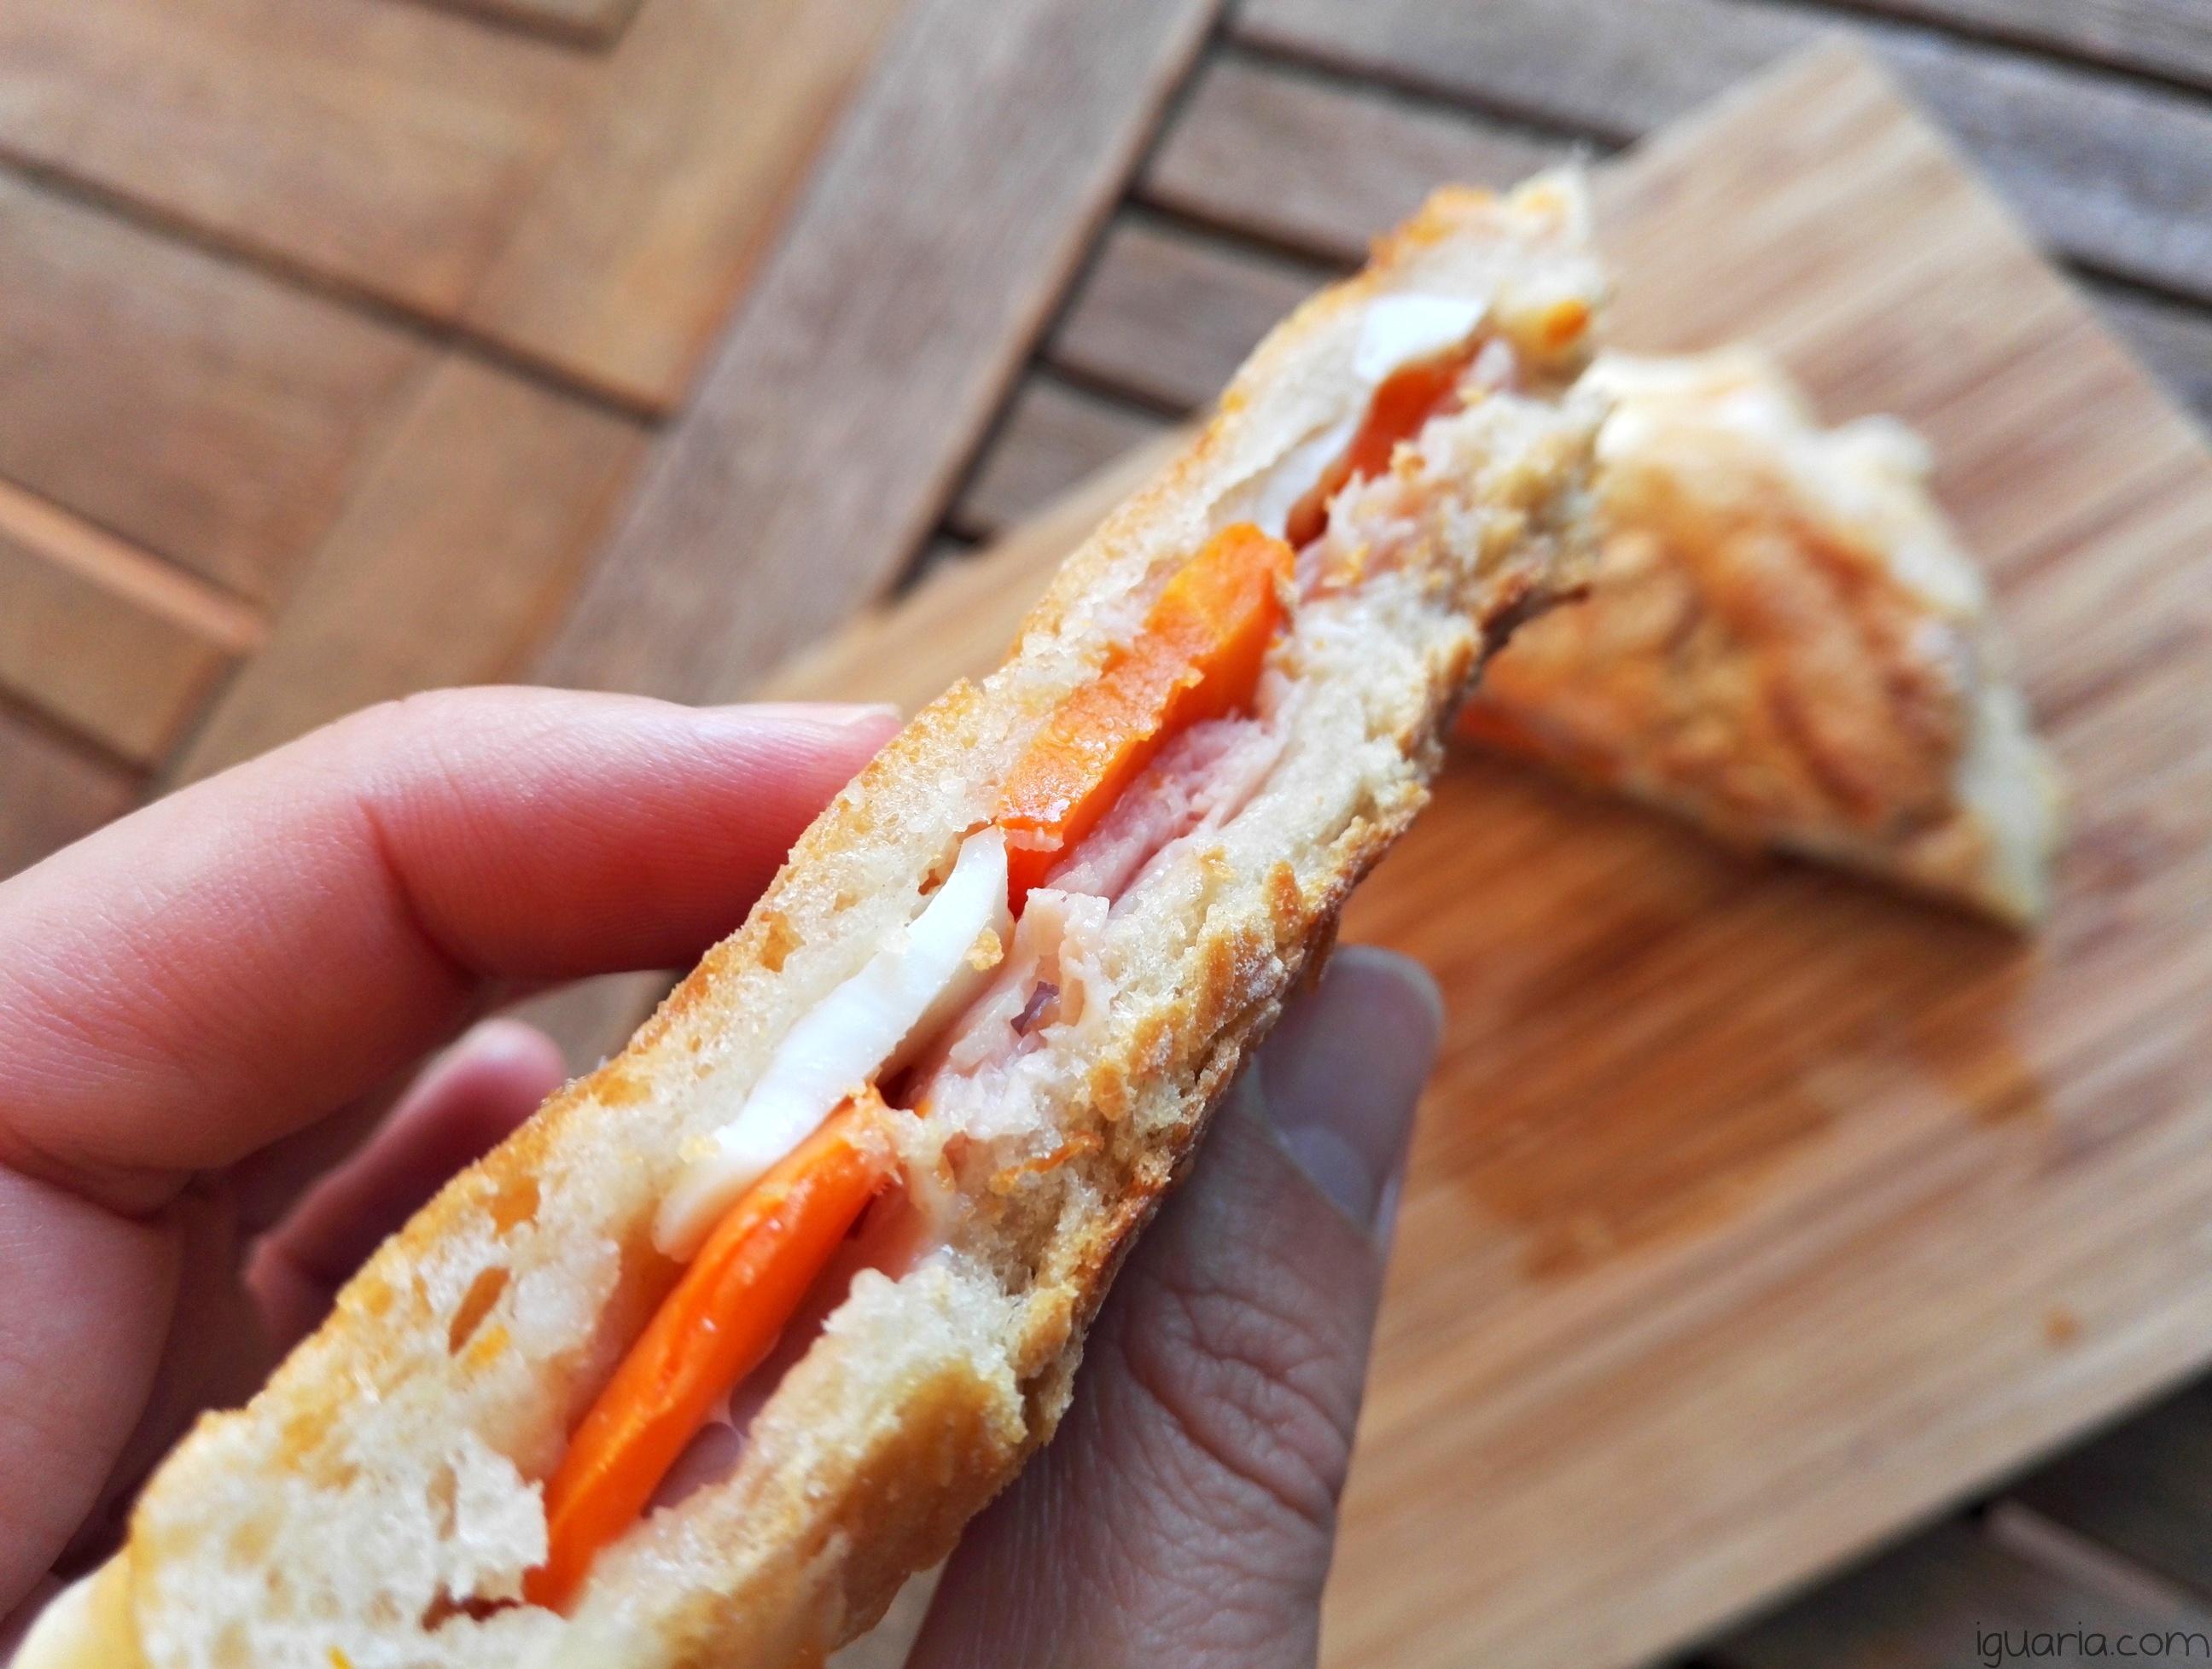 iguaria-tosta-de-cenoura-e-ovo